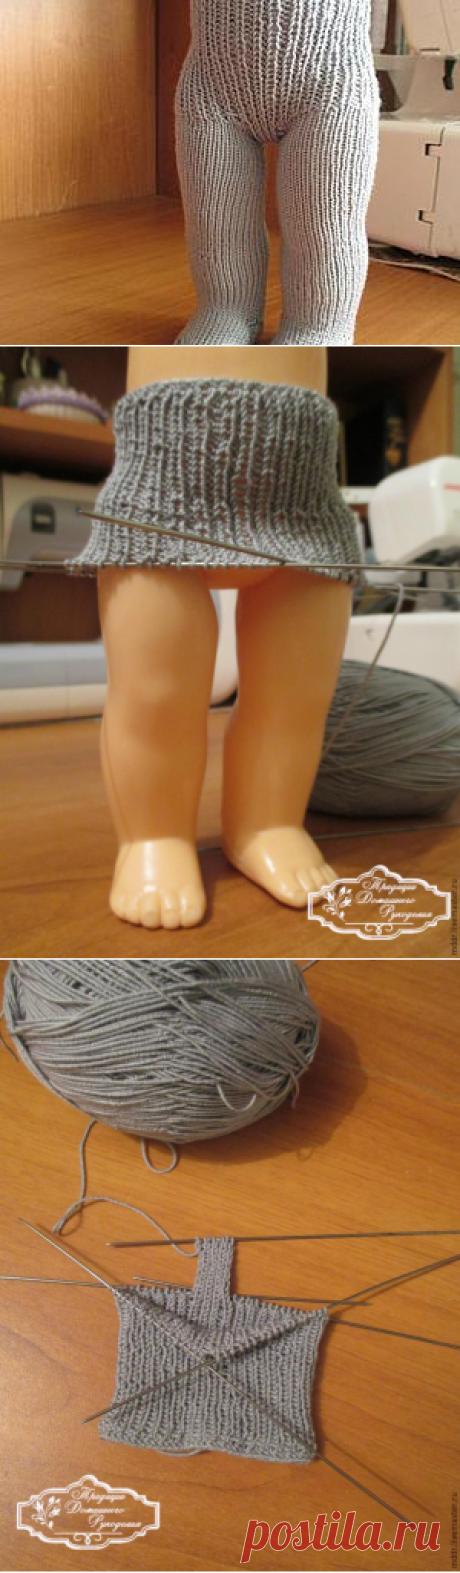 Вяжем колготки для куклы - Ярмарка Мастеров - ручная работа, handmade